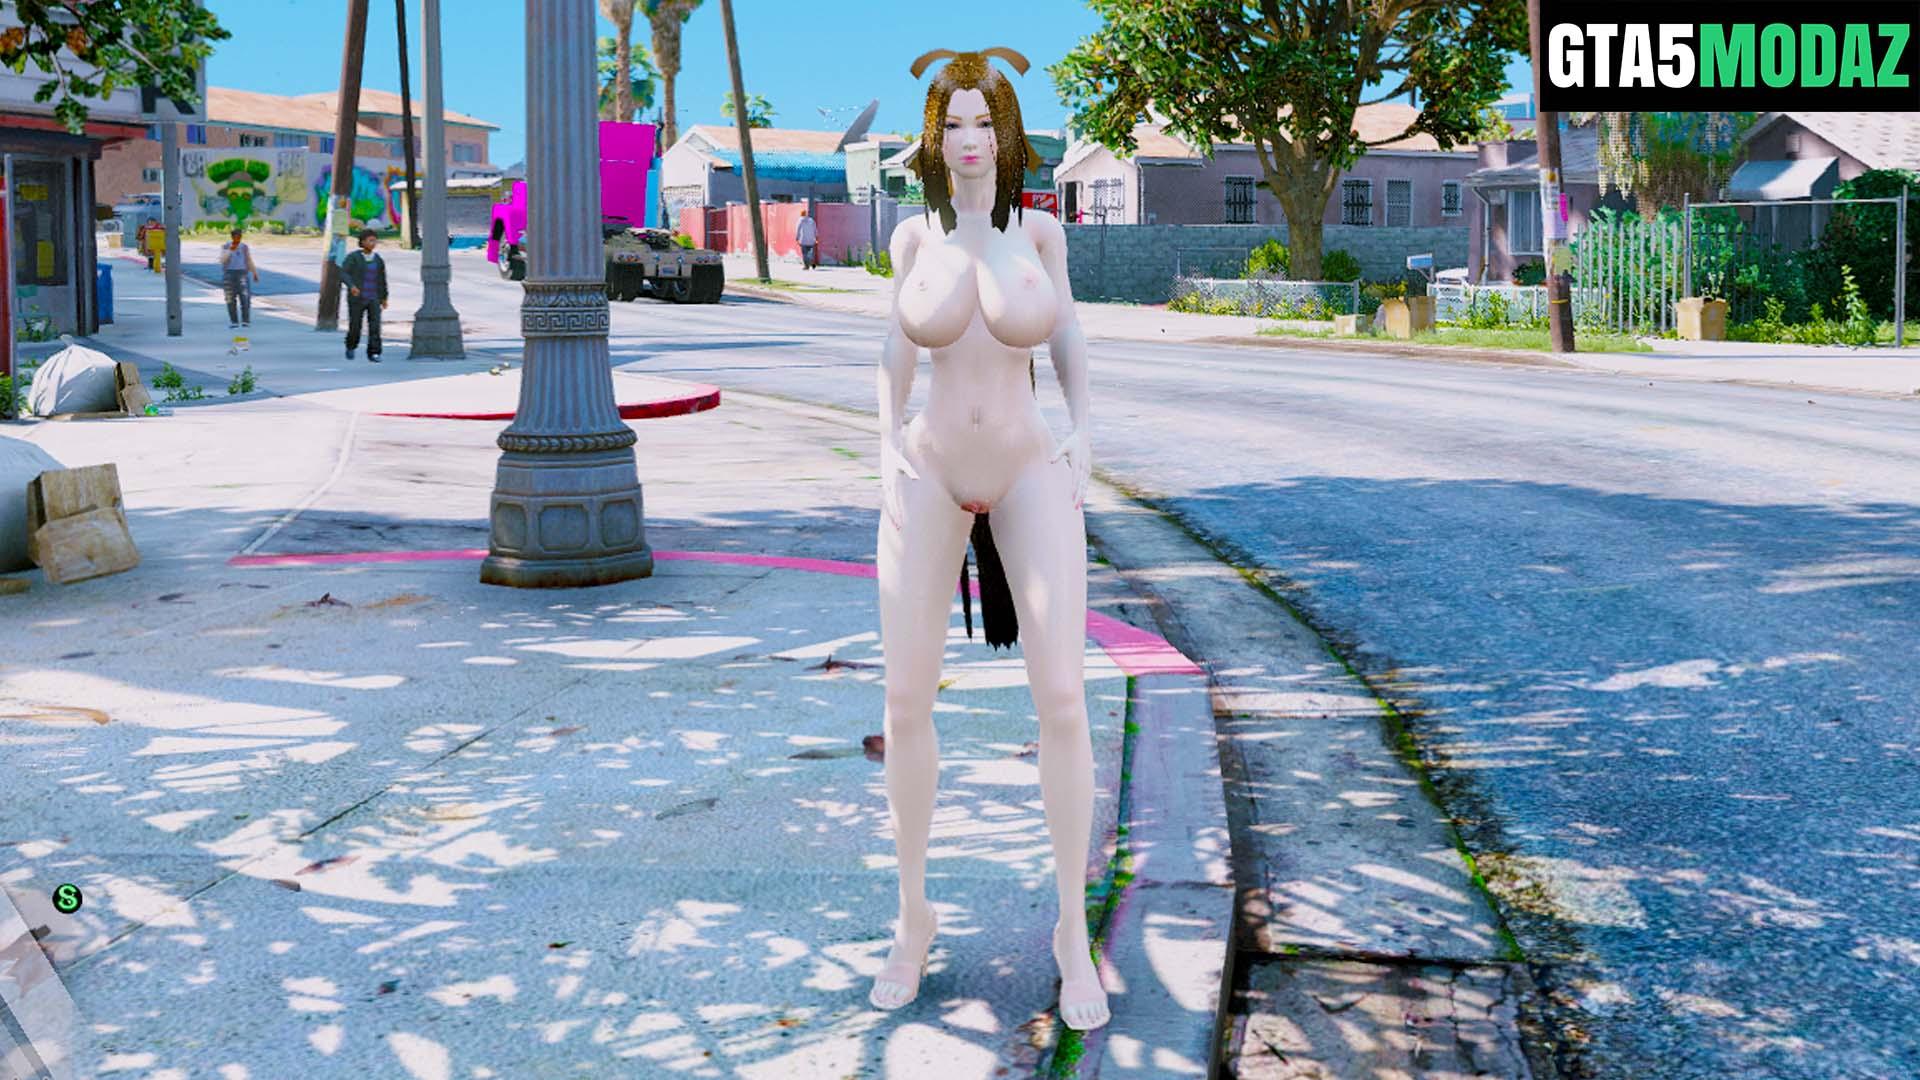 gta-5-mod-sexy-nude-girl